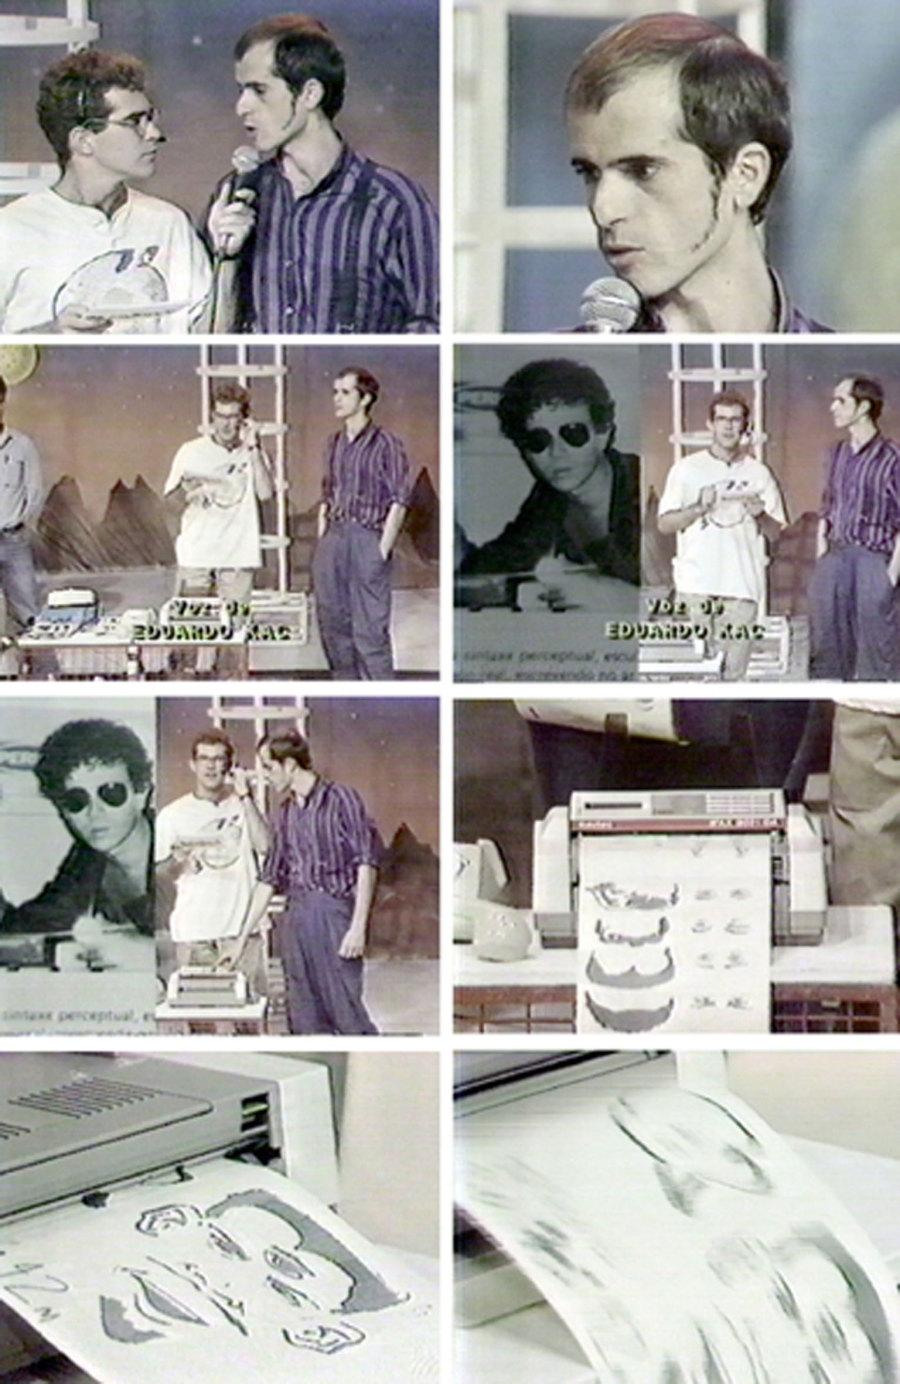 Eduardo Kac e Mário Ramiro, Retrato suposto, rosto roto, 1988, teleperformance exibida no Programa Eureka, da TV Cultura em 08/10/1988. Coleção Mário Ramiro